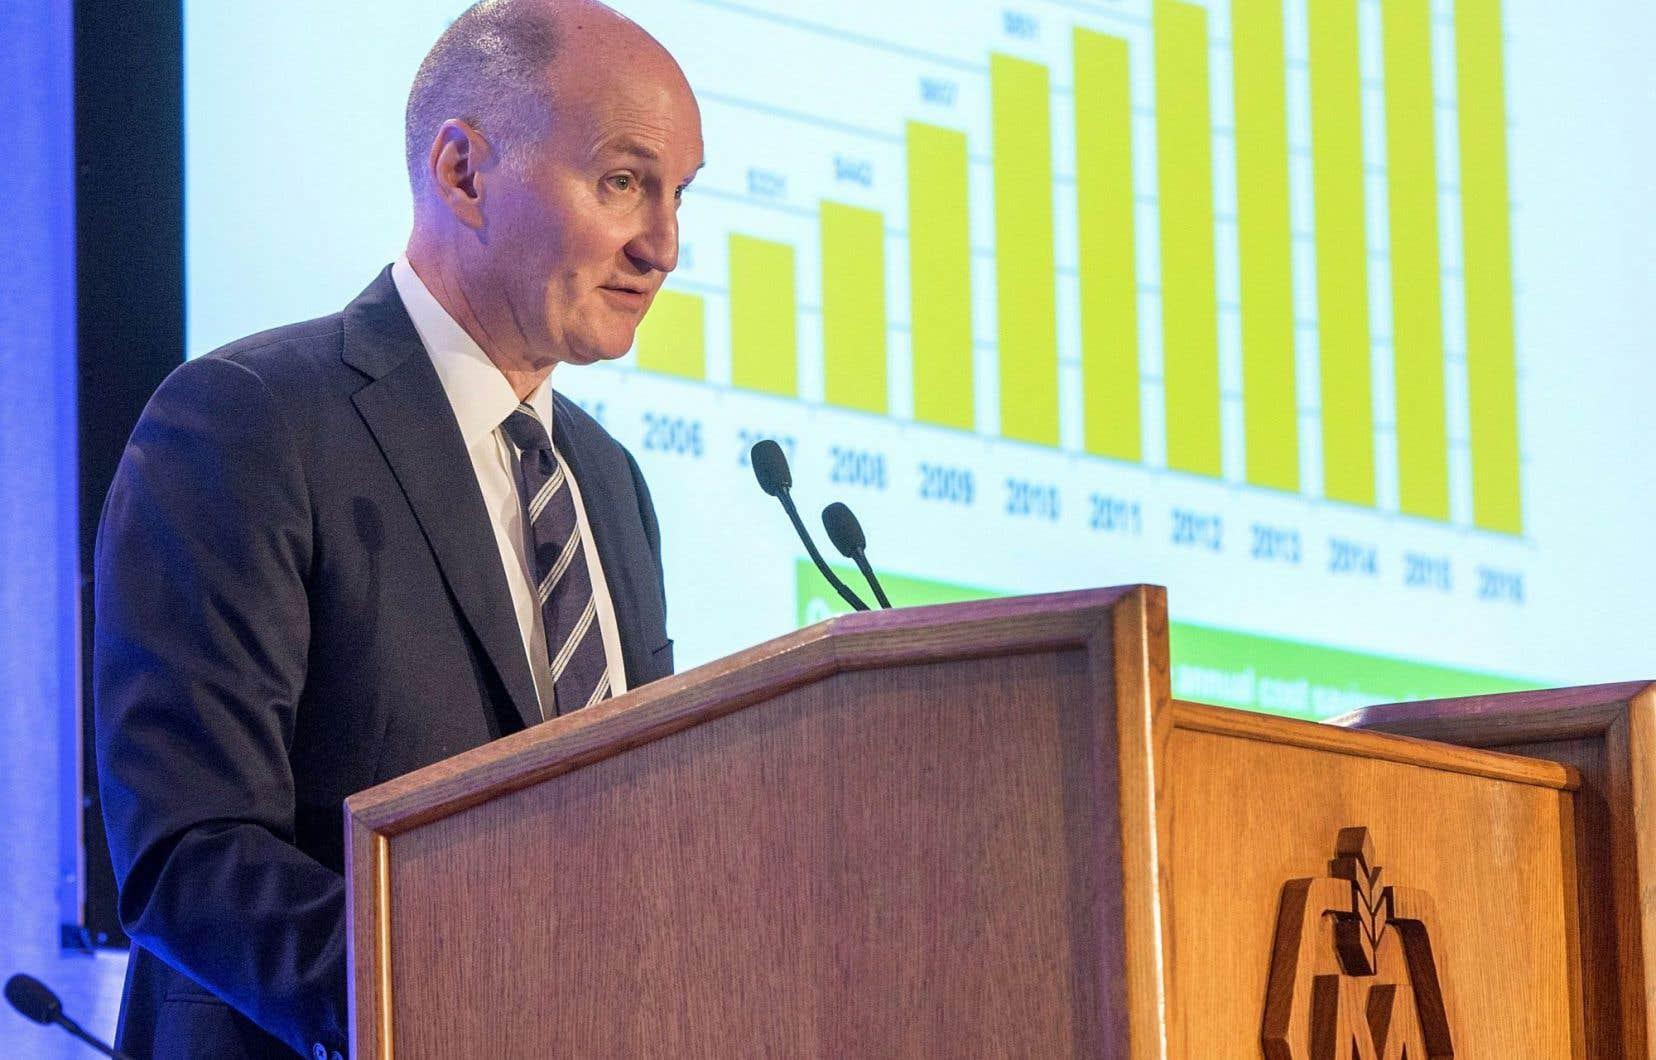 Lors de l'assemblée annuelle des actionnaires, le chef de la direction de Molson Coors, Mark Hunter, a expliqué que le brasseur continuait de garder un œil sur de nouvelles cibles d'acquisition pour compléter son offre.